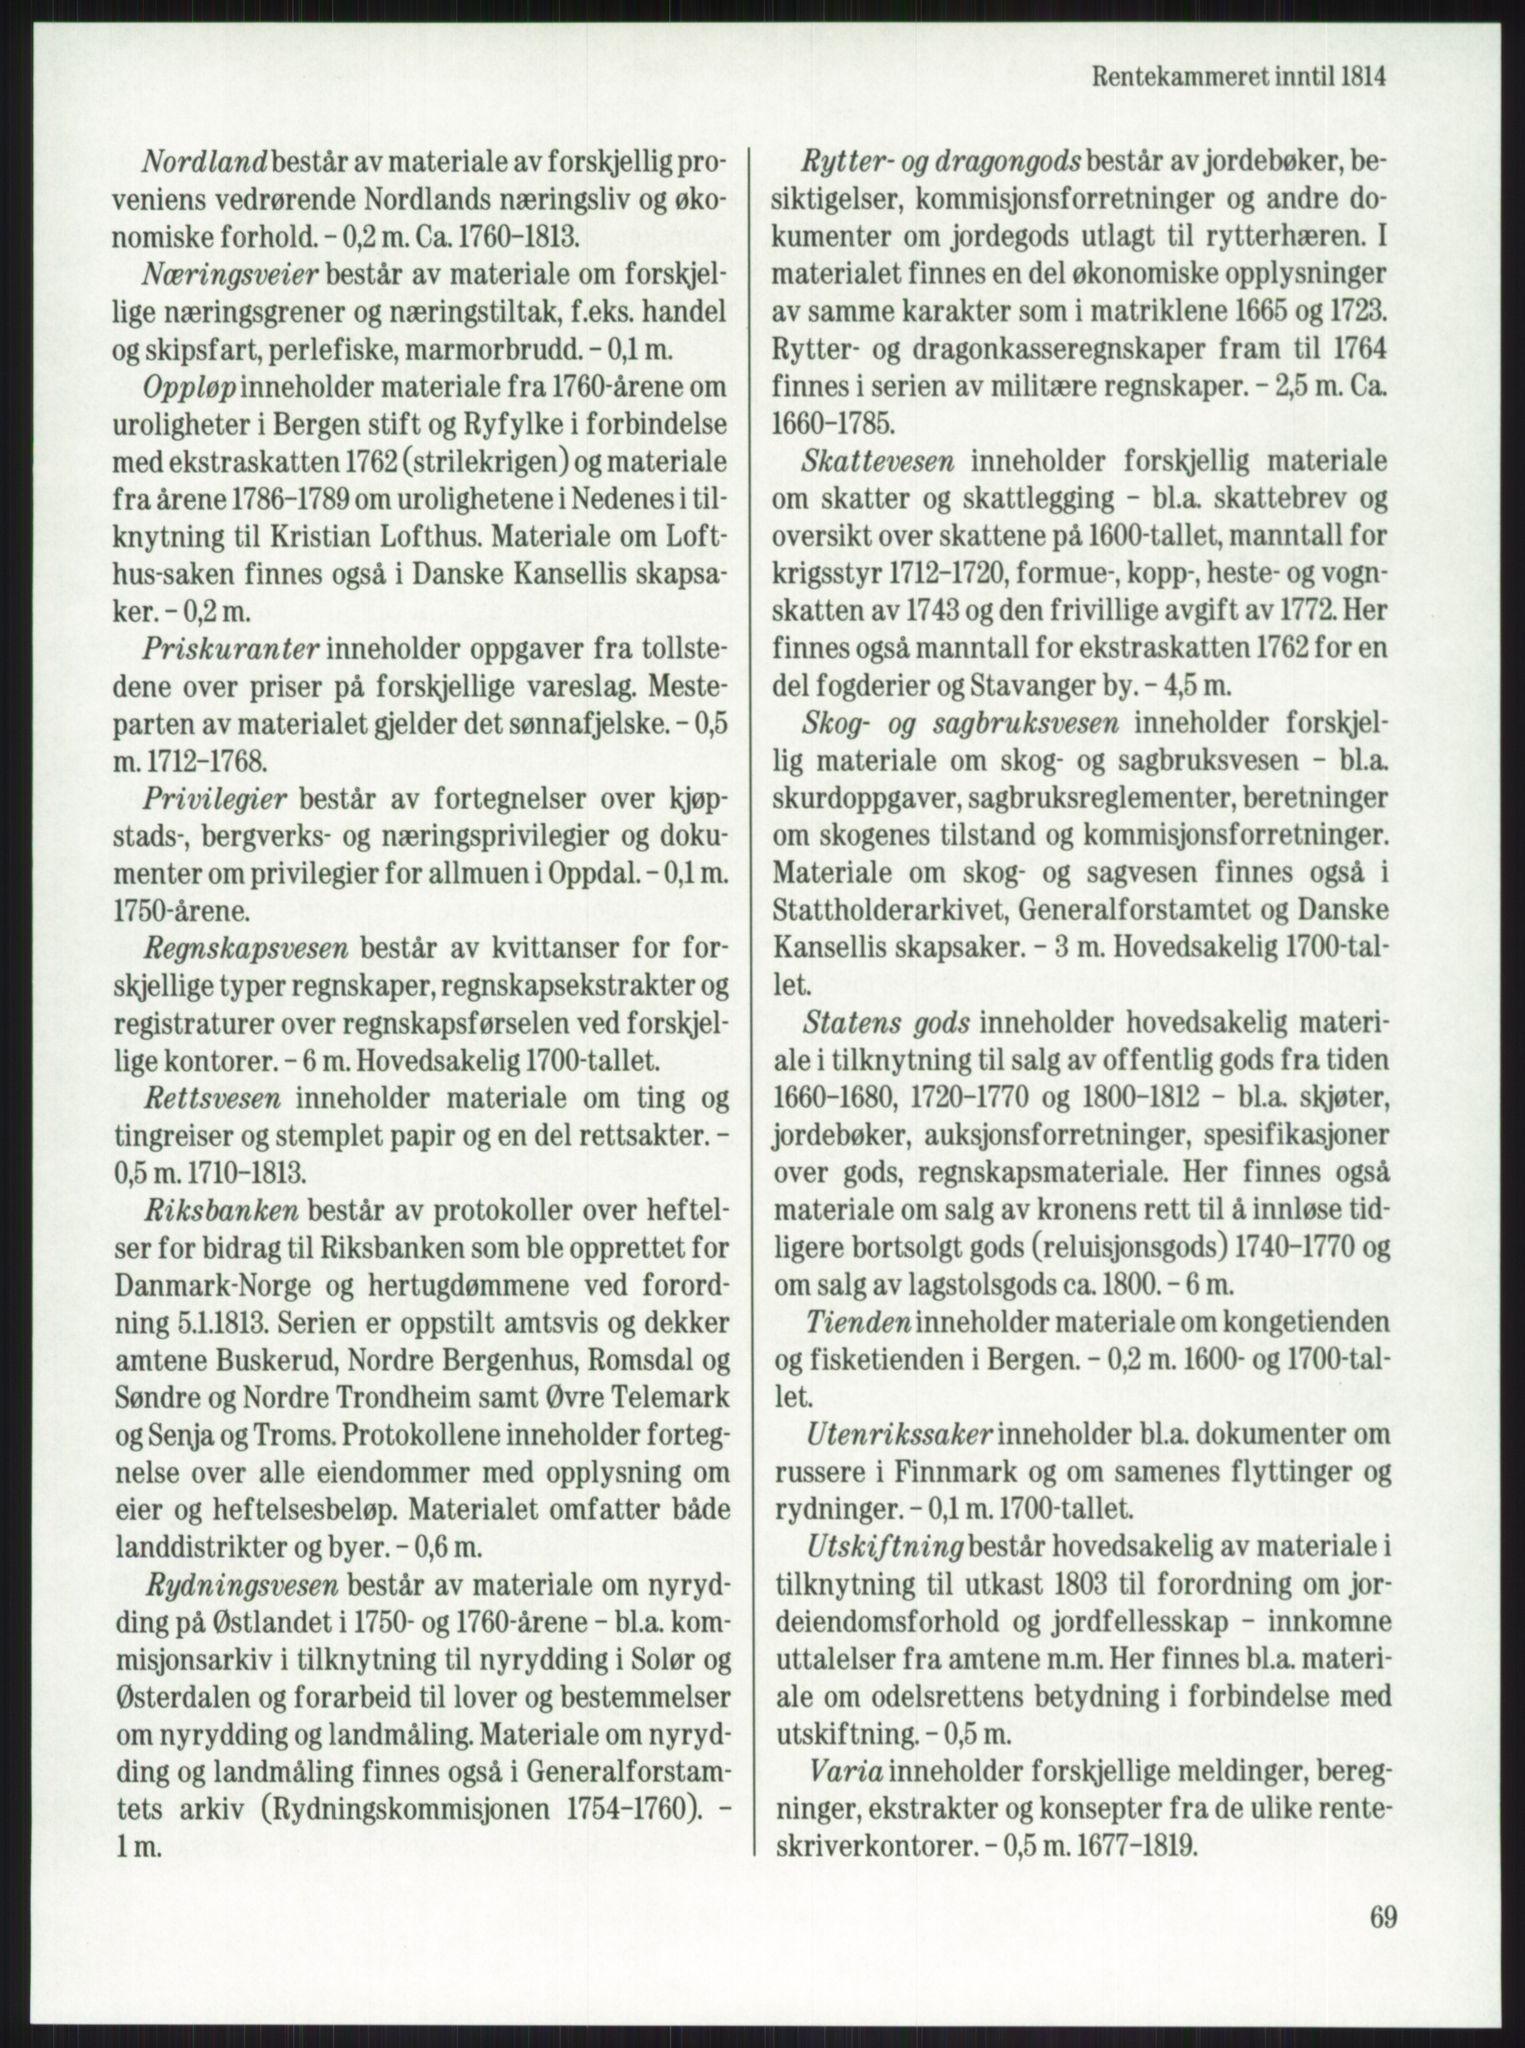 RA, Publikasjoner, -/-: Knut Johannessen, Ole Kolsrud og Dag Mangset (red.): Håndbok for Riksarkivet (1992), s. 69